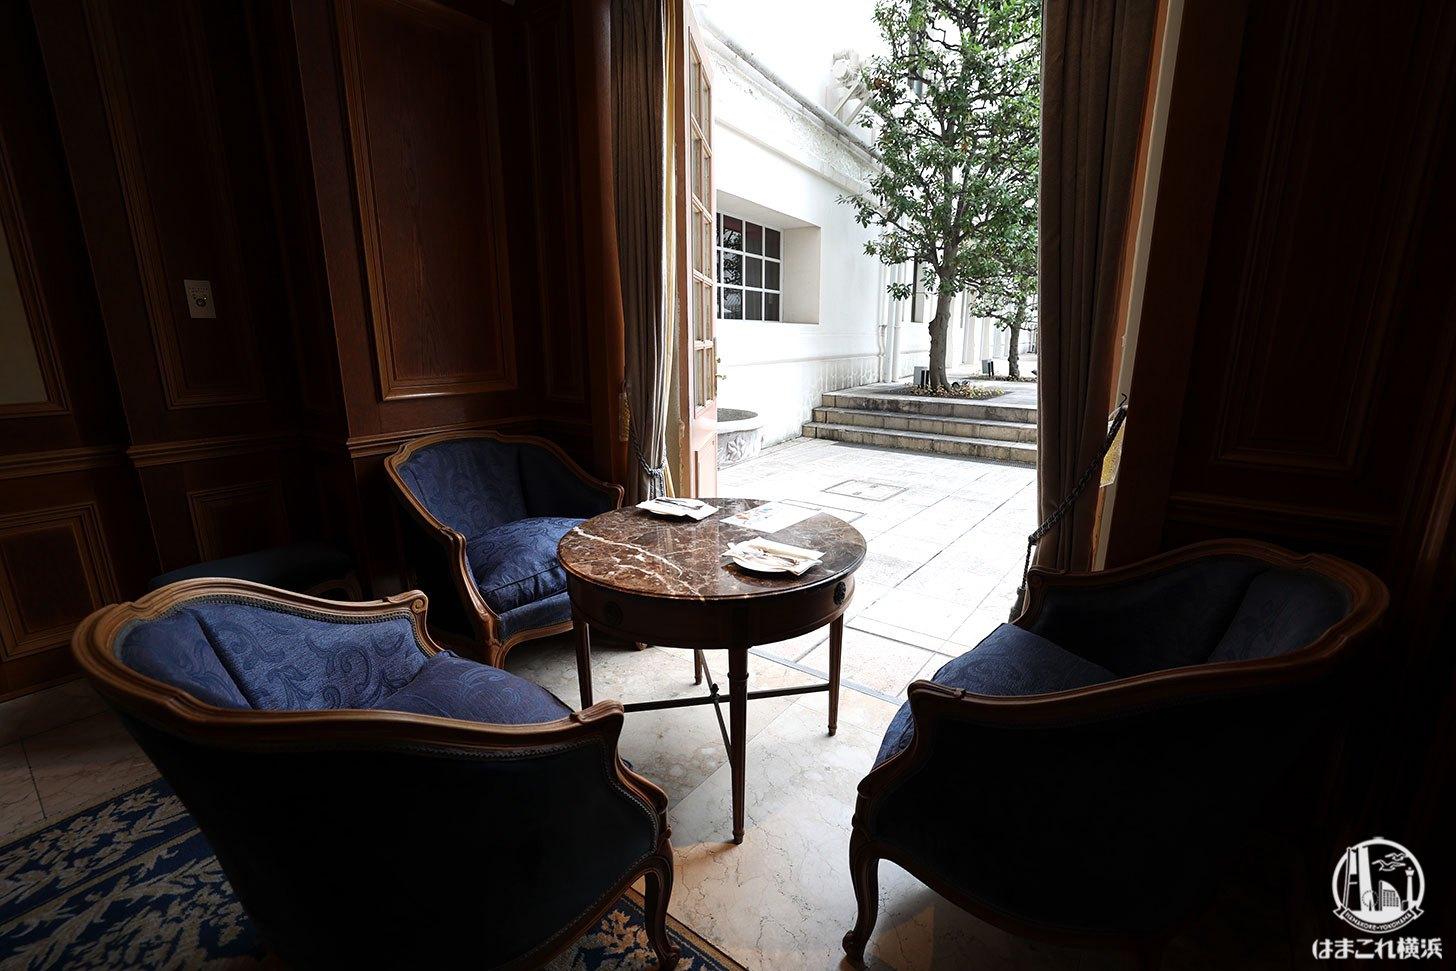 ラウンジ「ラ・テラス」窓側の席